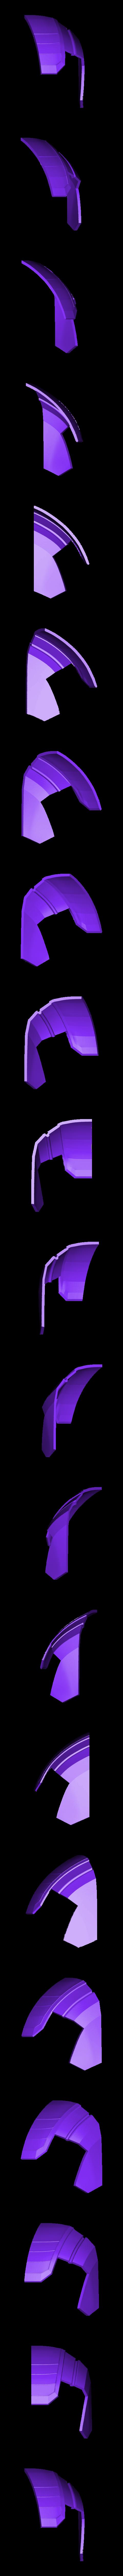 Part_2.stl Télécharger fichier STL gratuit Iron Patriot Helmet (Iron Man) • Objet à imprimer en 3D, VillainousPropShop